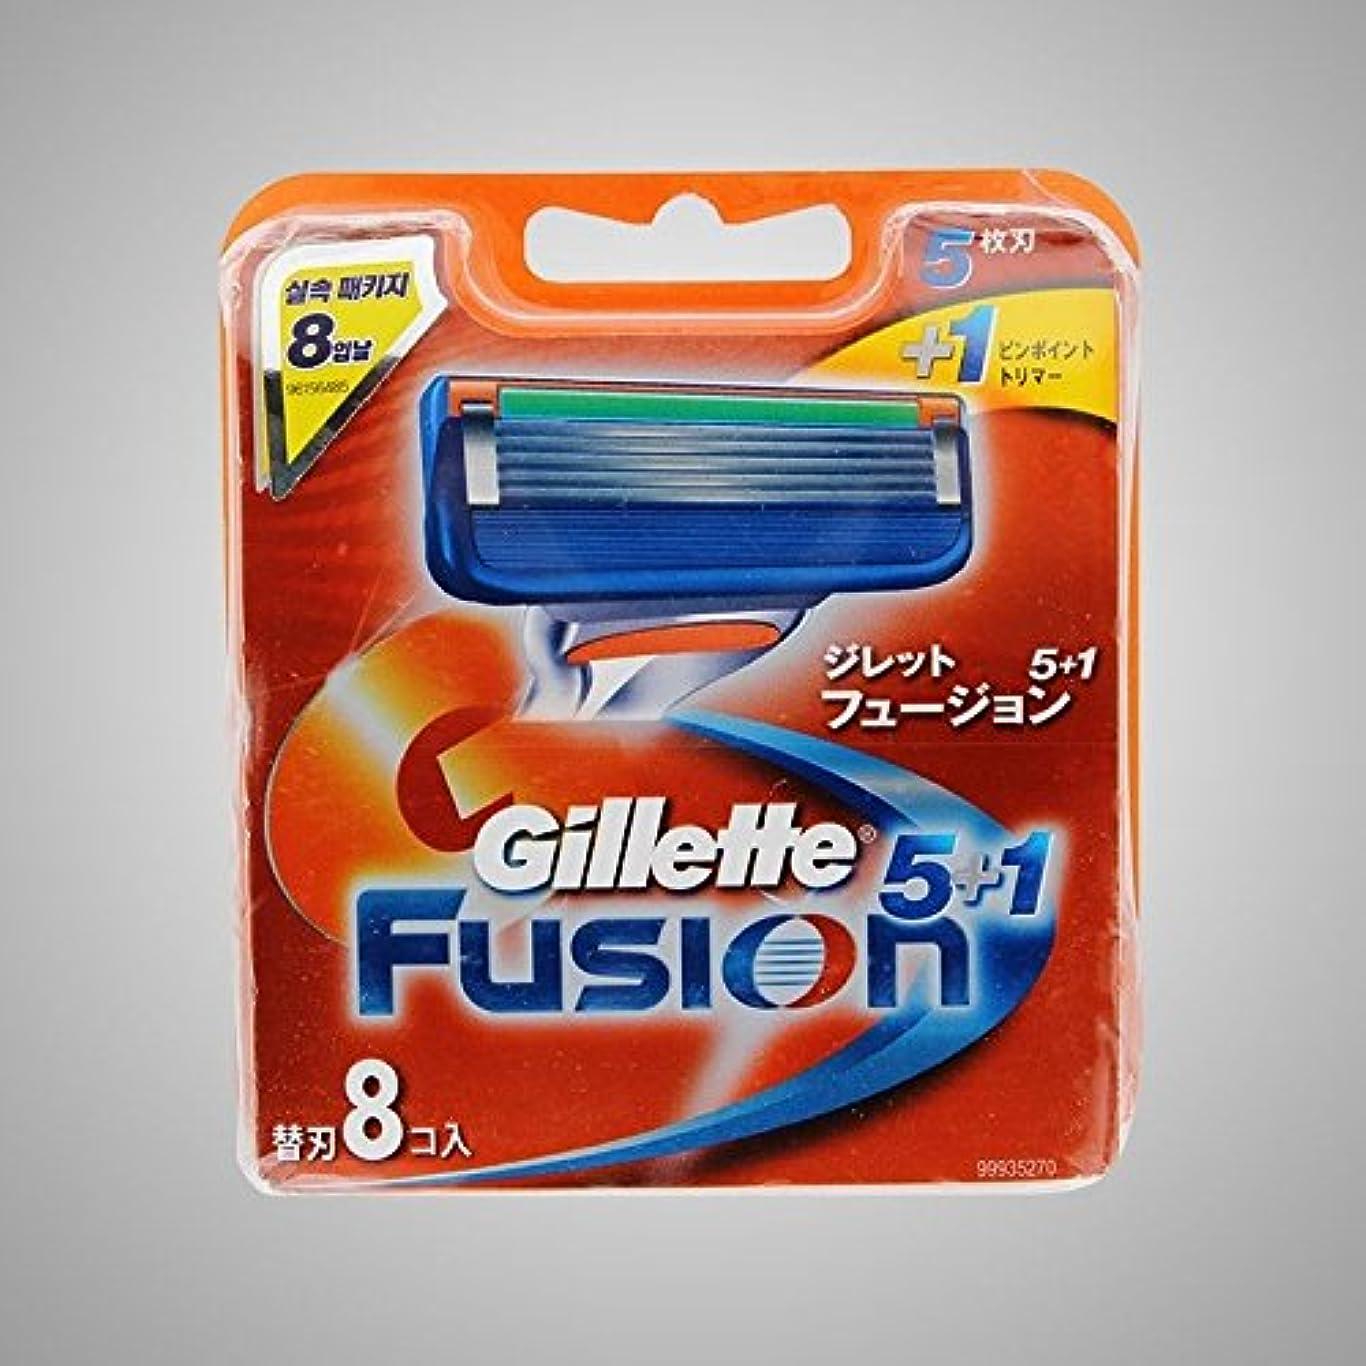 めったにかなりのナイトスポットGillette Fusion Manual Razor Blades Refills Safety Razor ドイツ製 8 Pack [並行輸入品]